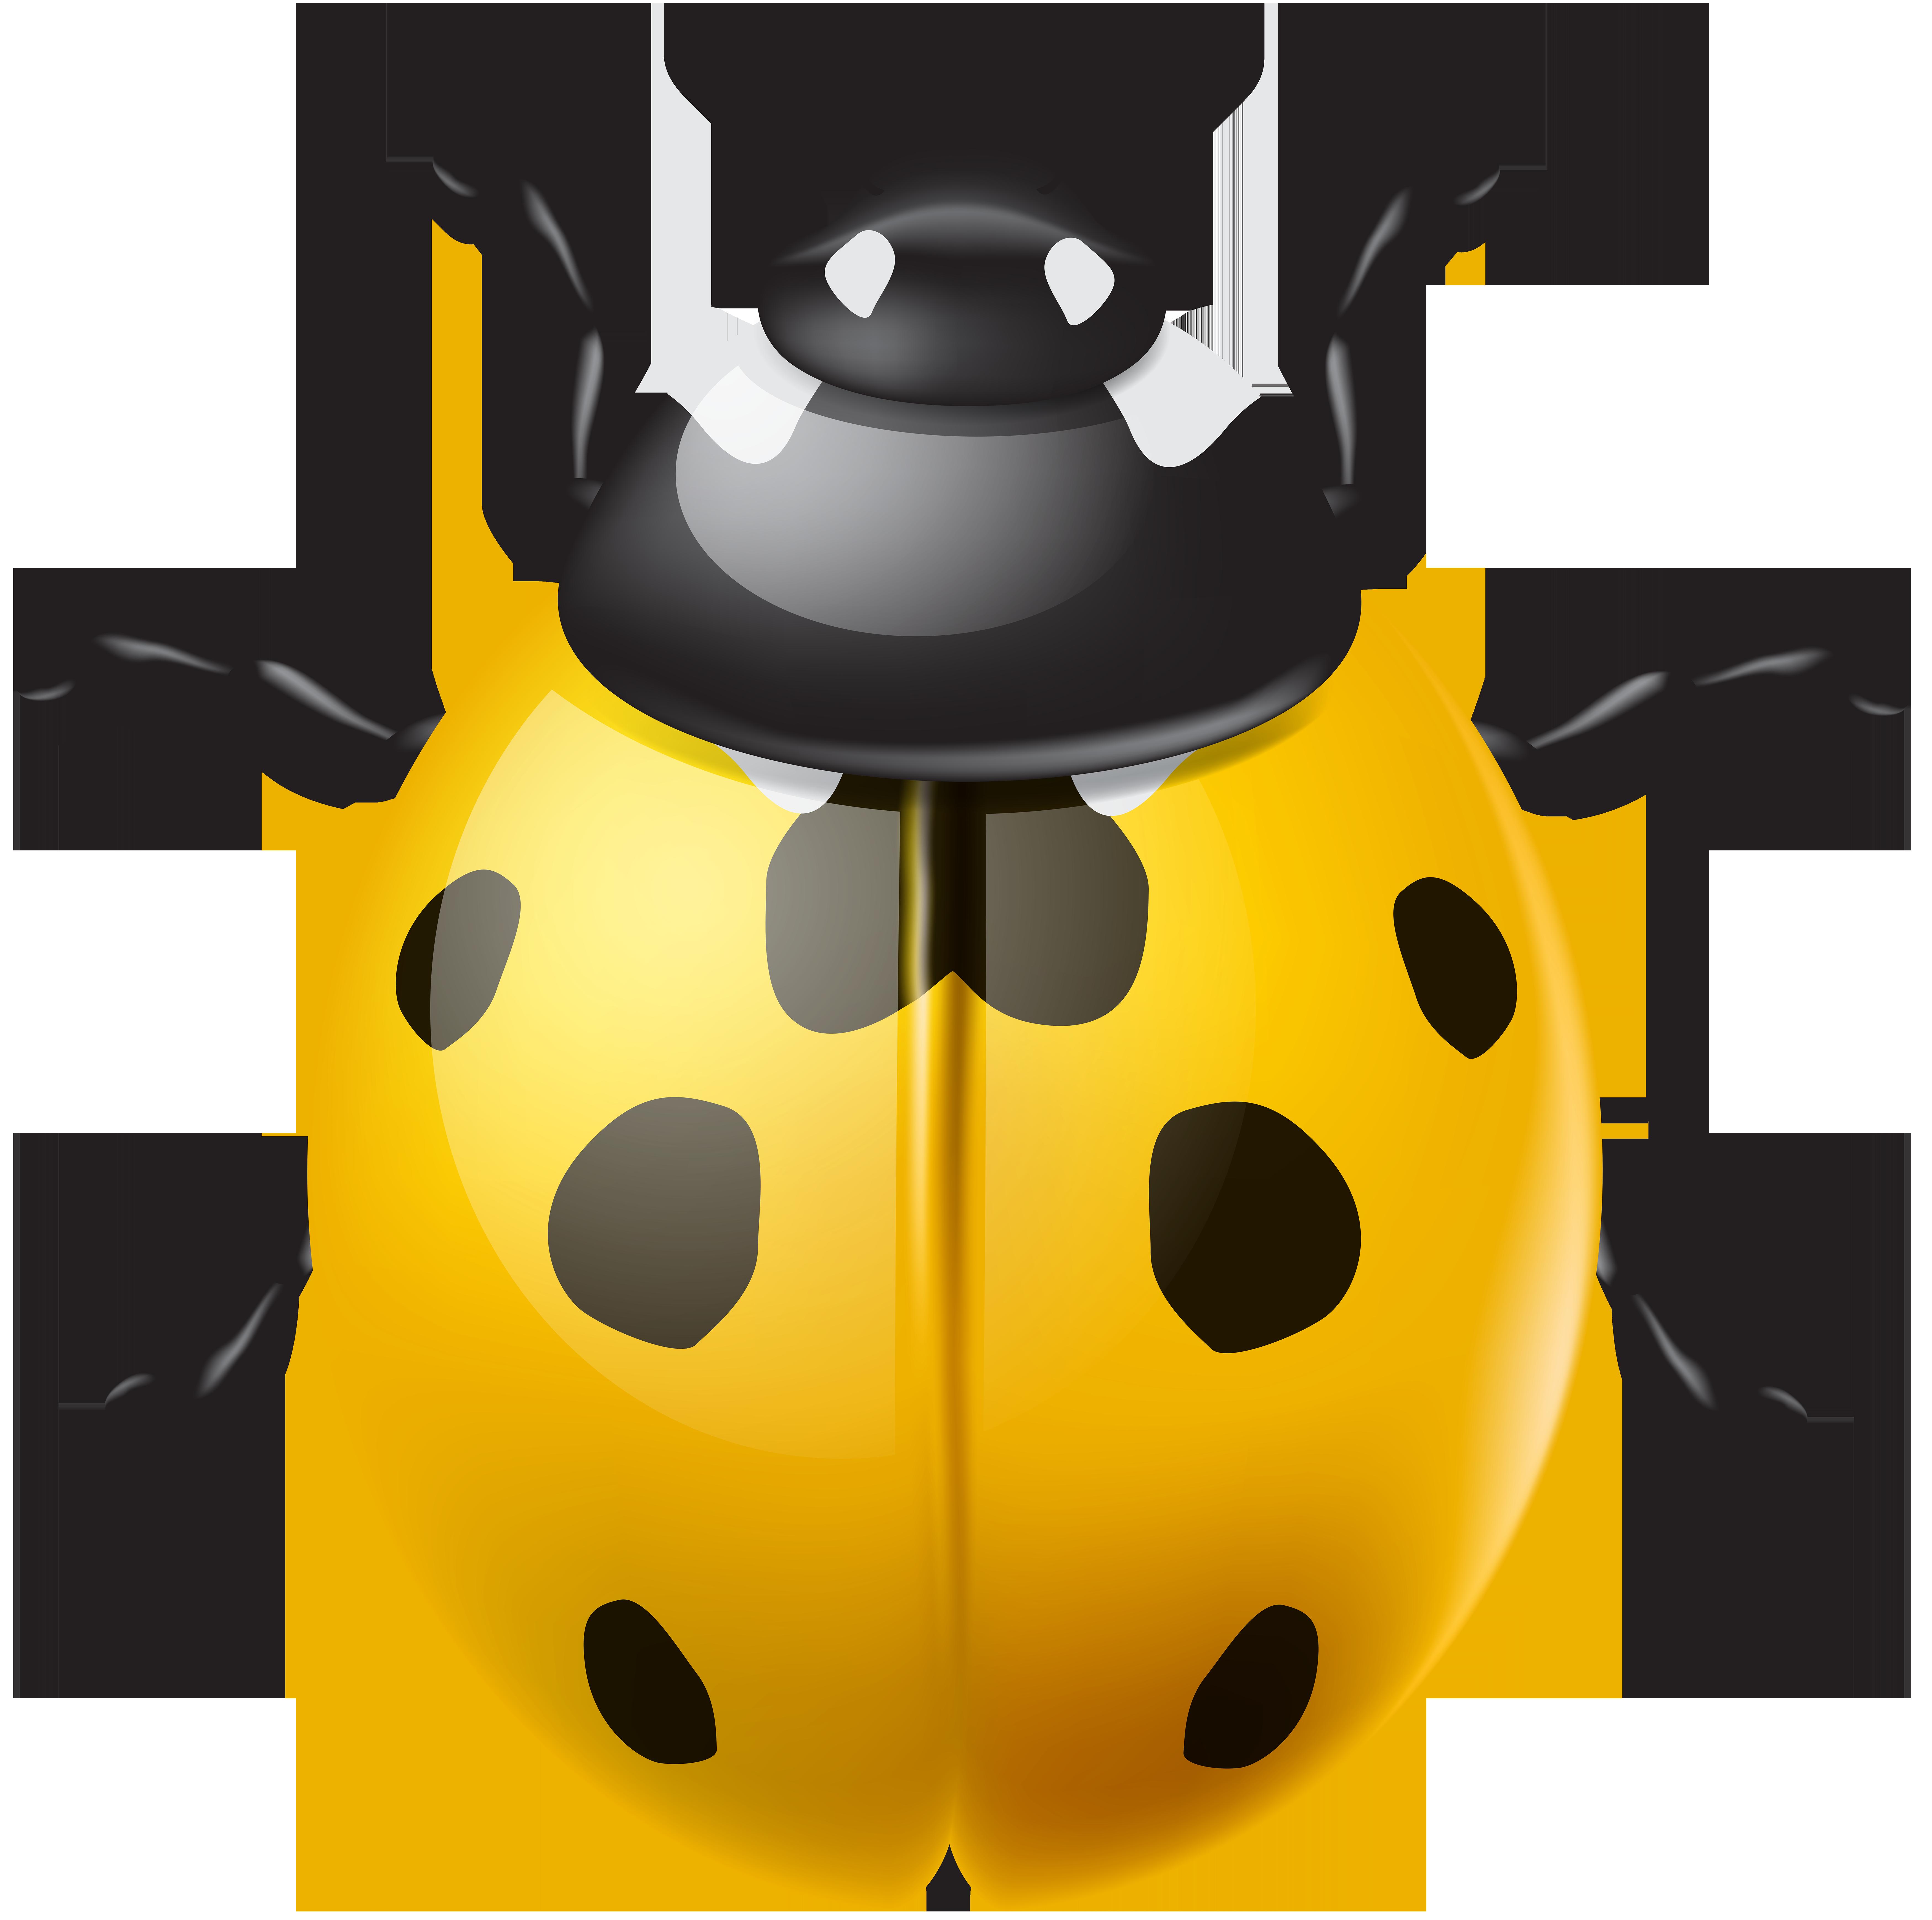 Ladybug clipart yellow ladybug. Ladybird png clip art